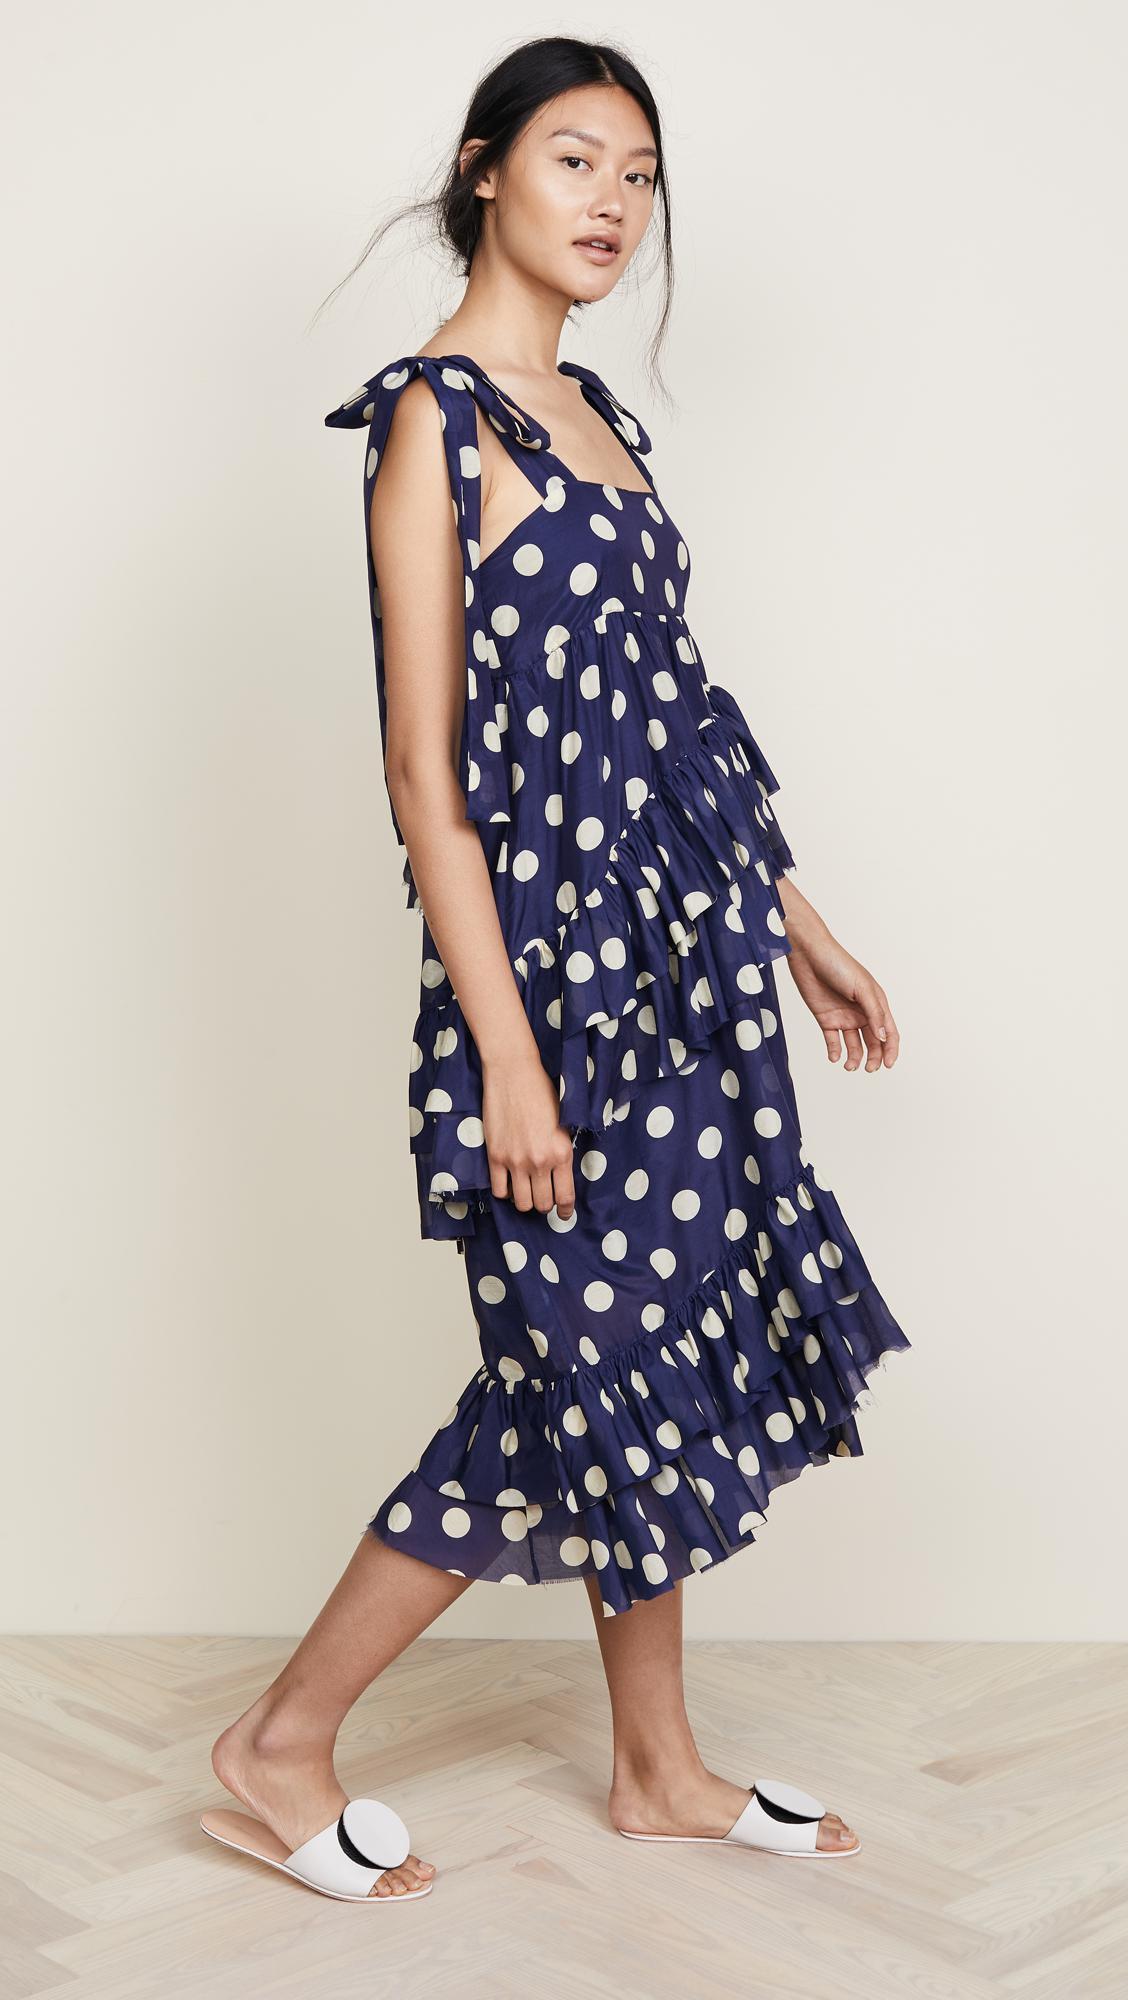 56862754e2 Lyst - Lee Mathews Minnie Spot Apron Dress in Blue